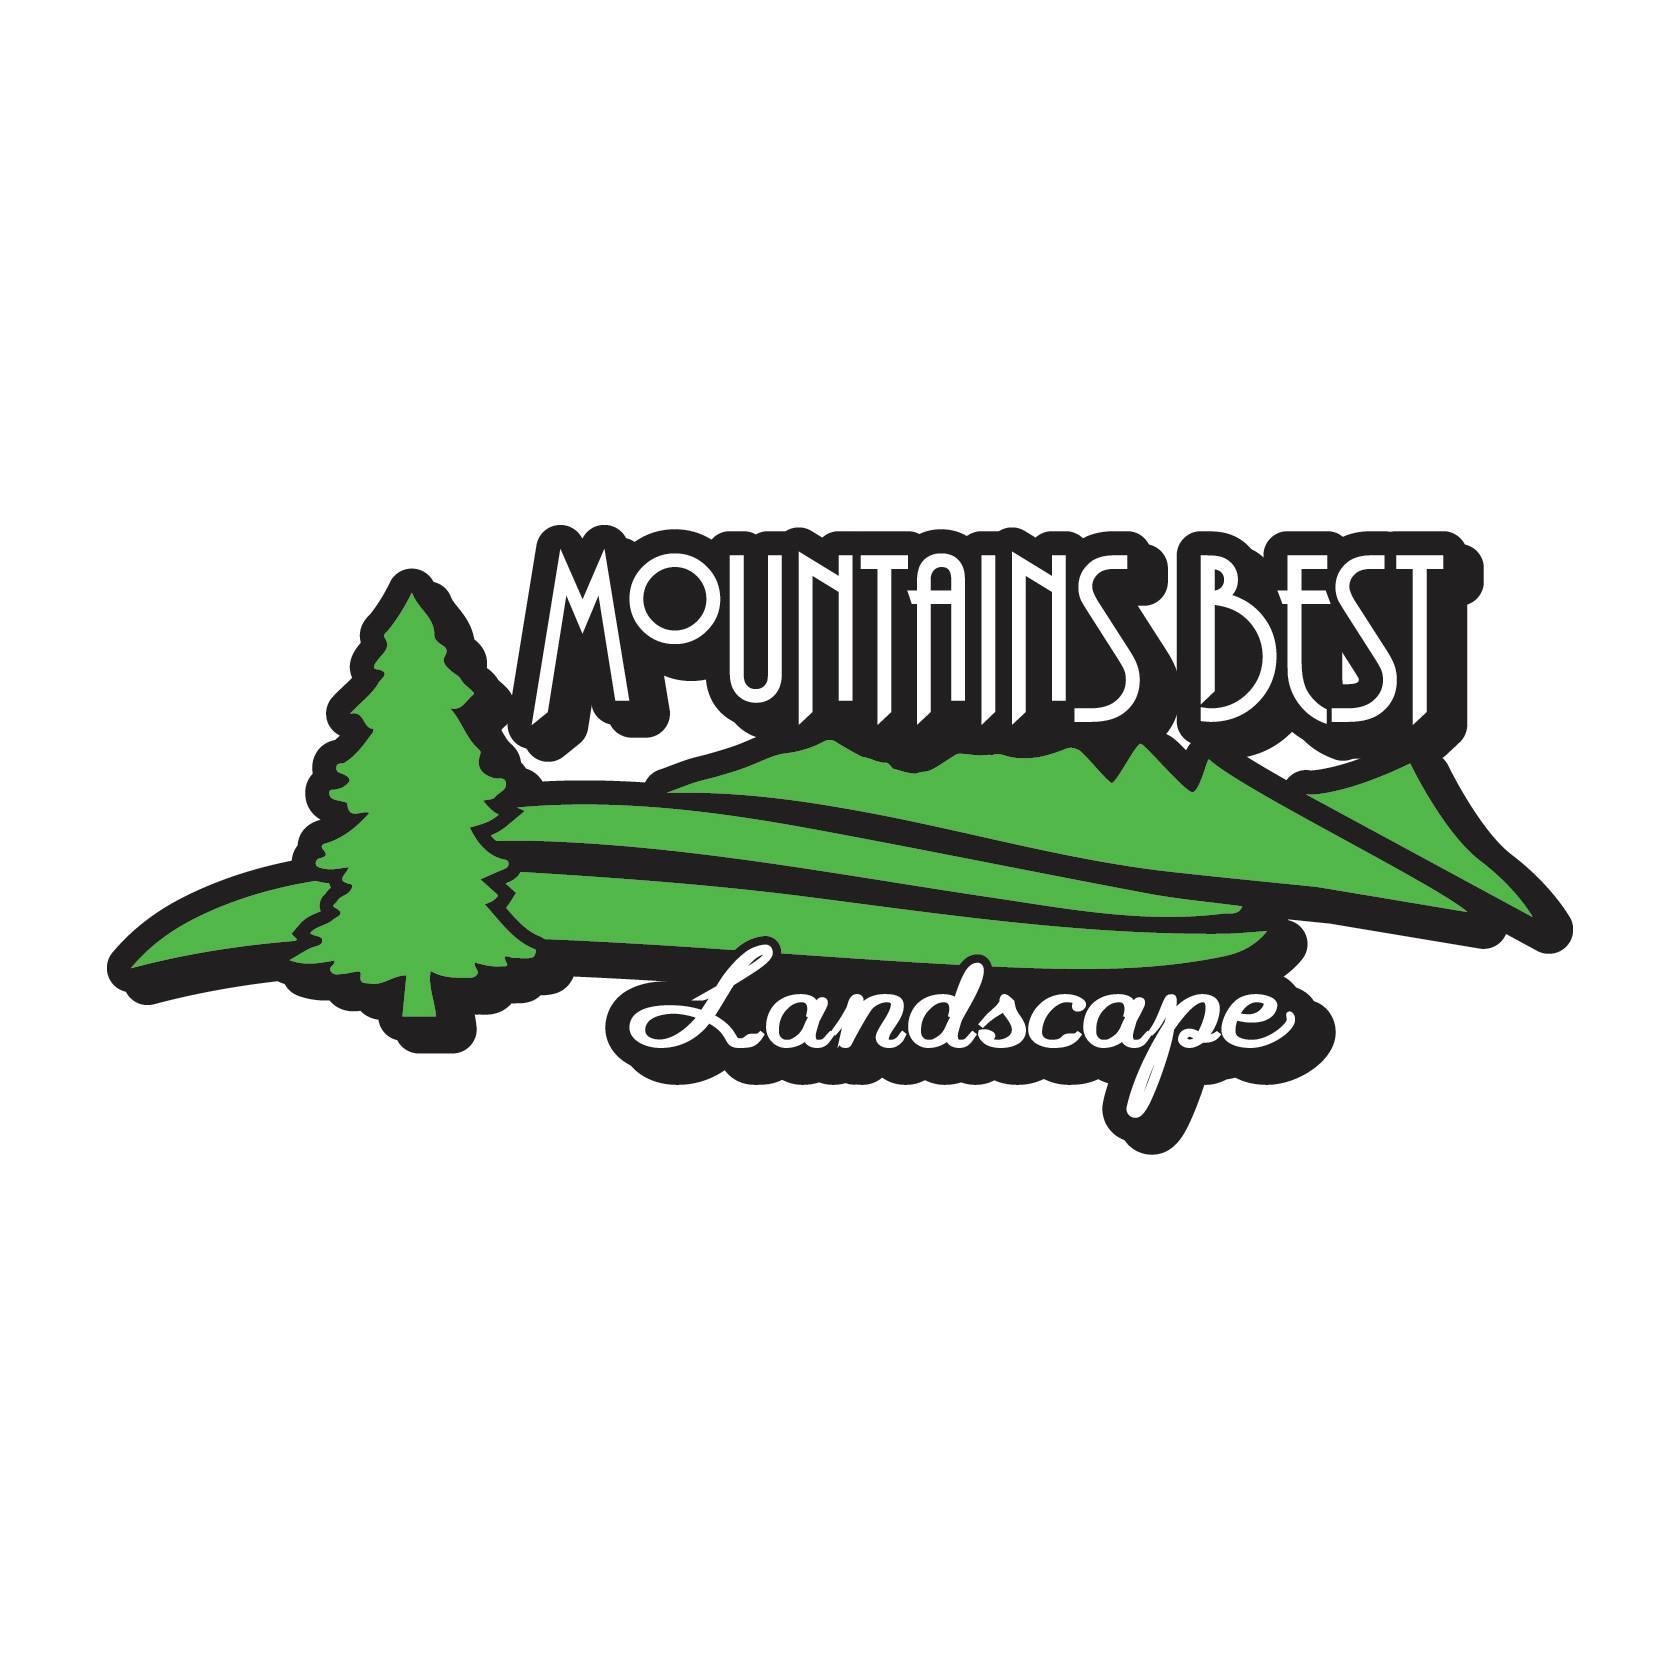 Mountains Best Landscape